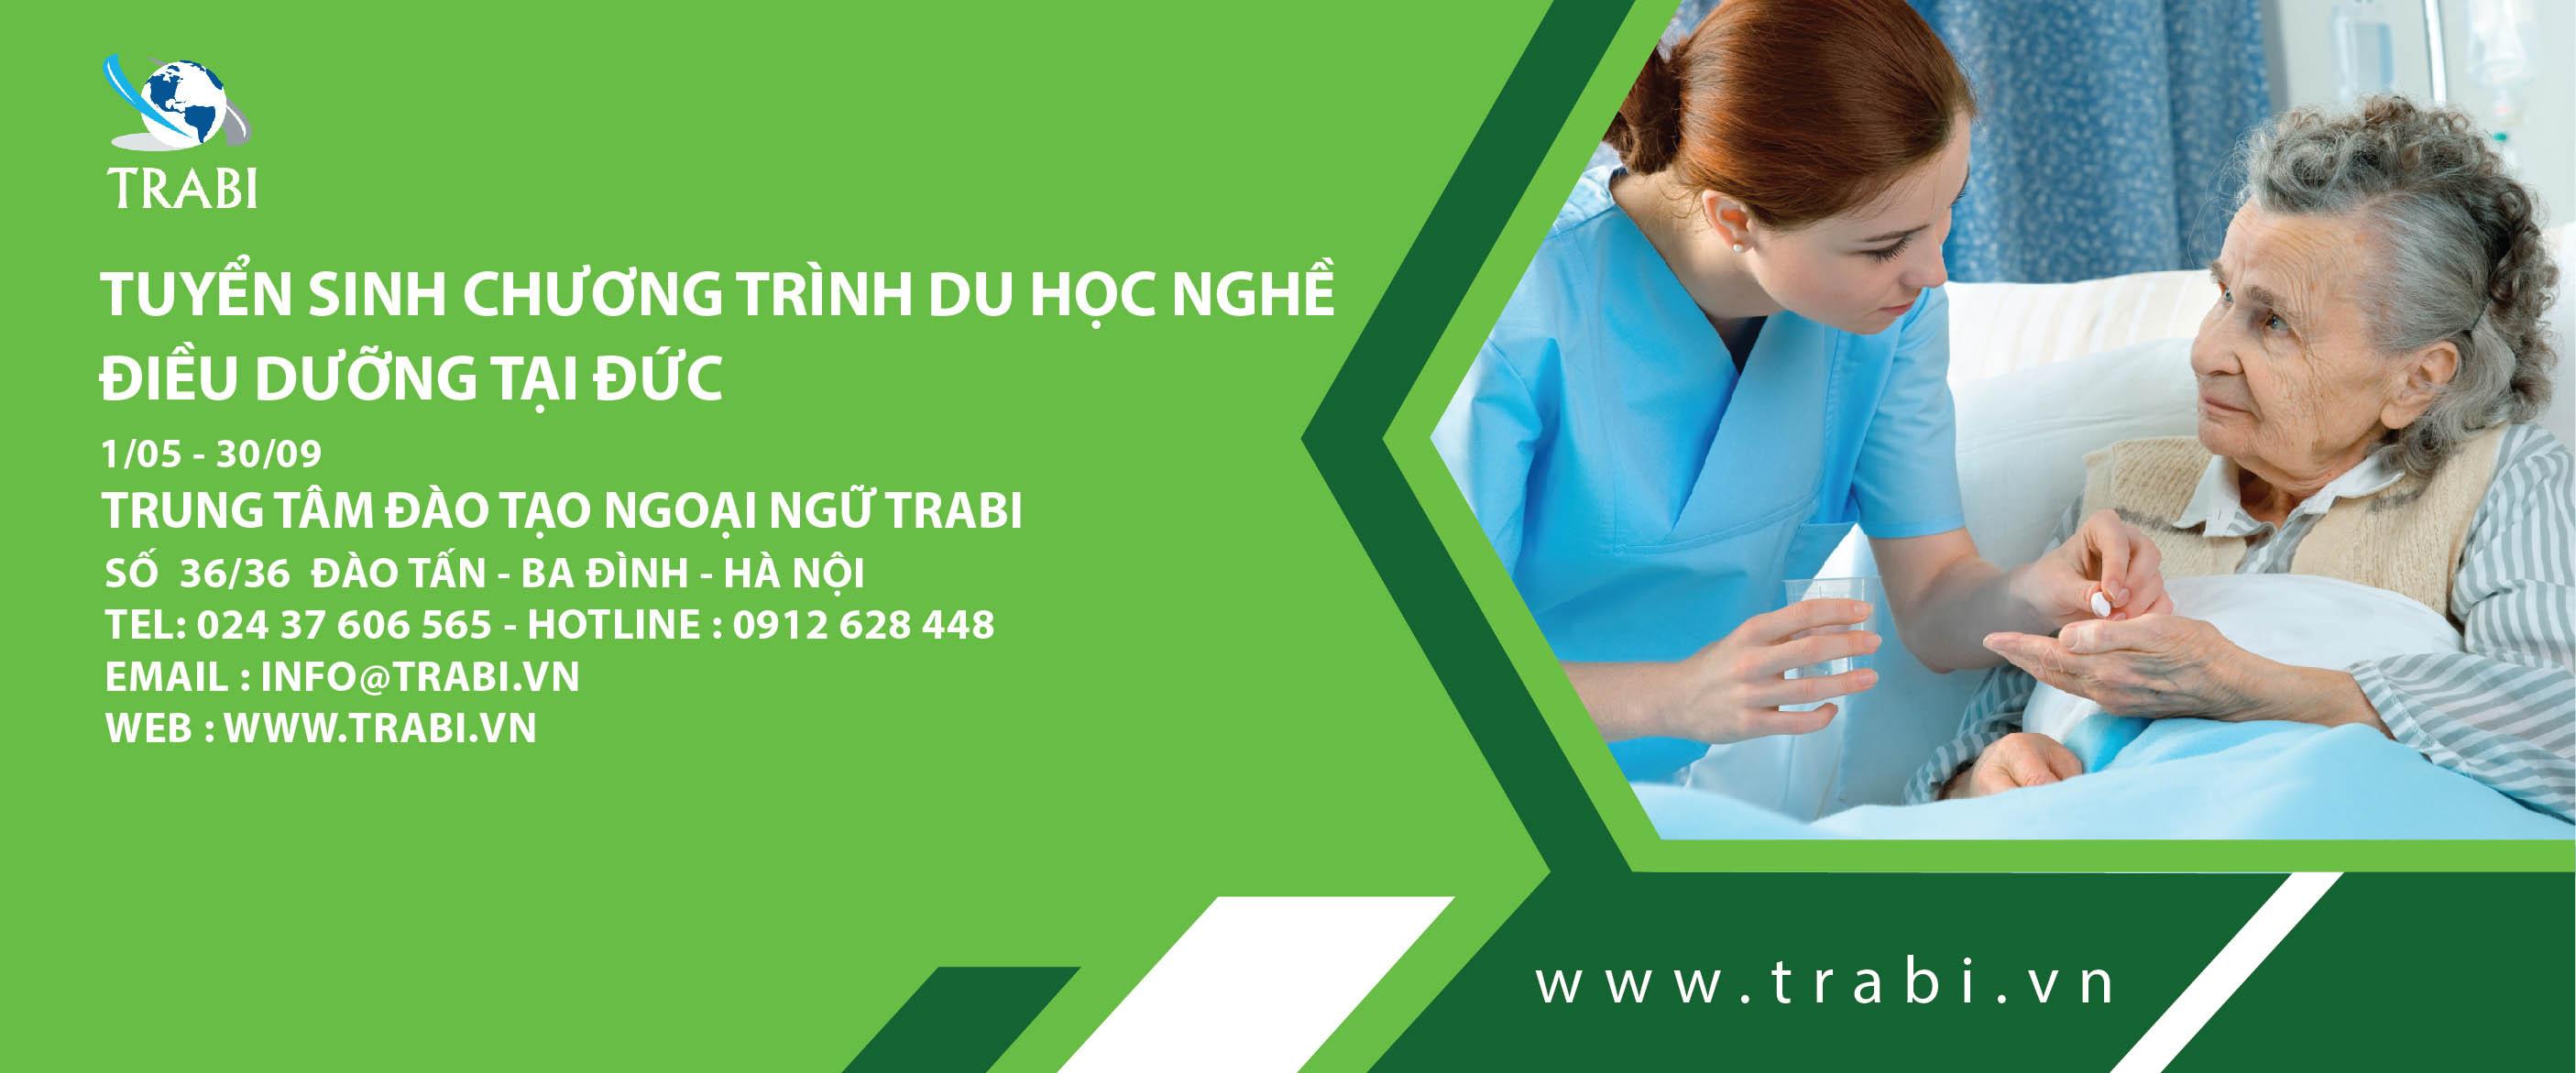 Chương trình Y tá mới tại TRABI đem đến cơ hội rất tốt